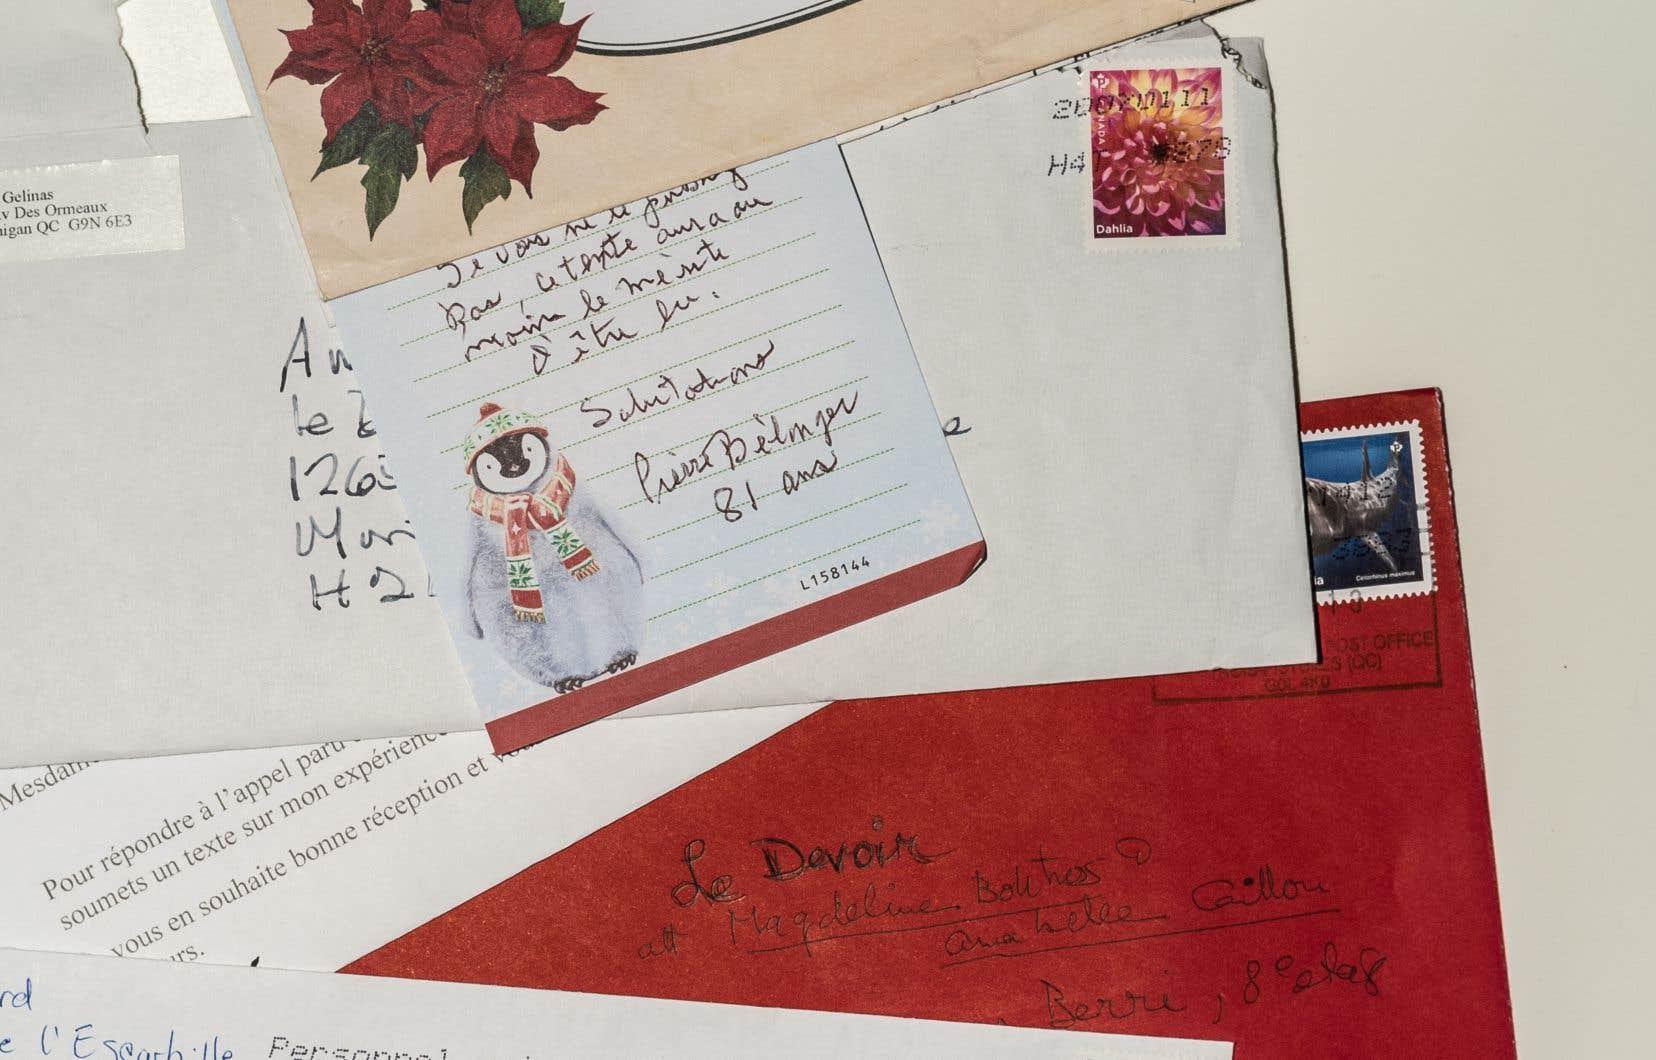 Au moment où la deuxième vague frappe de plein fouet le Québec, certaines des lettres reçues sont ici reproduites.